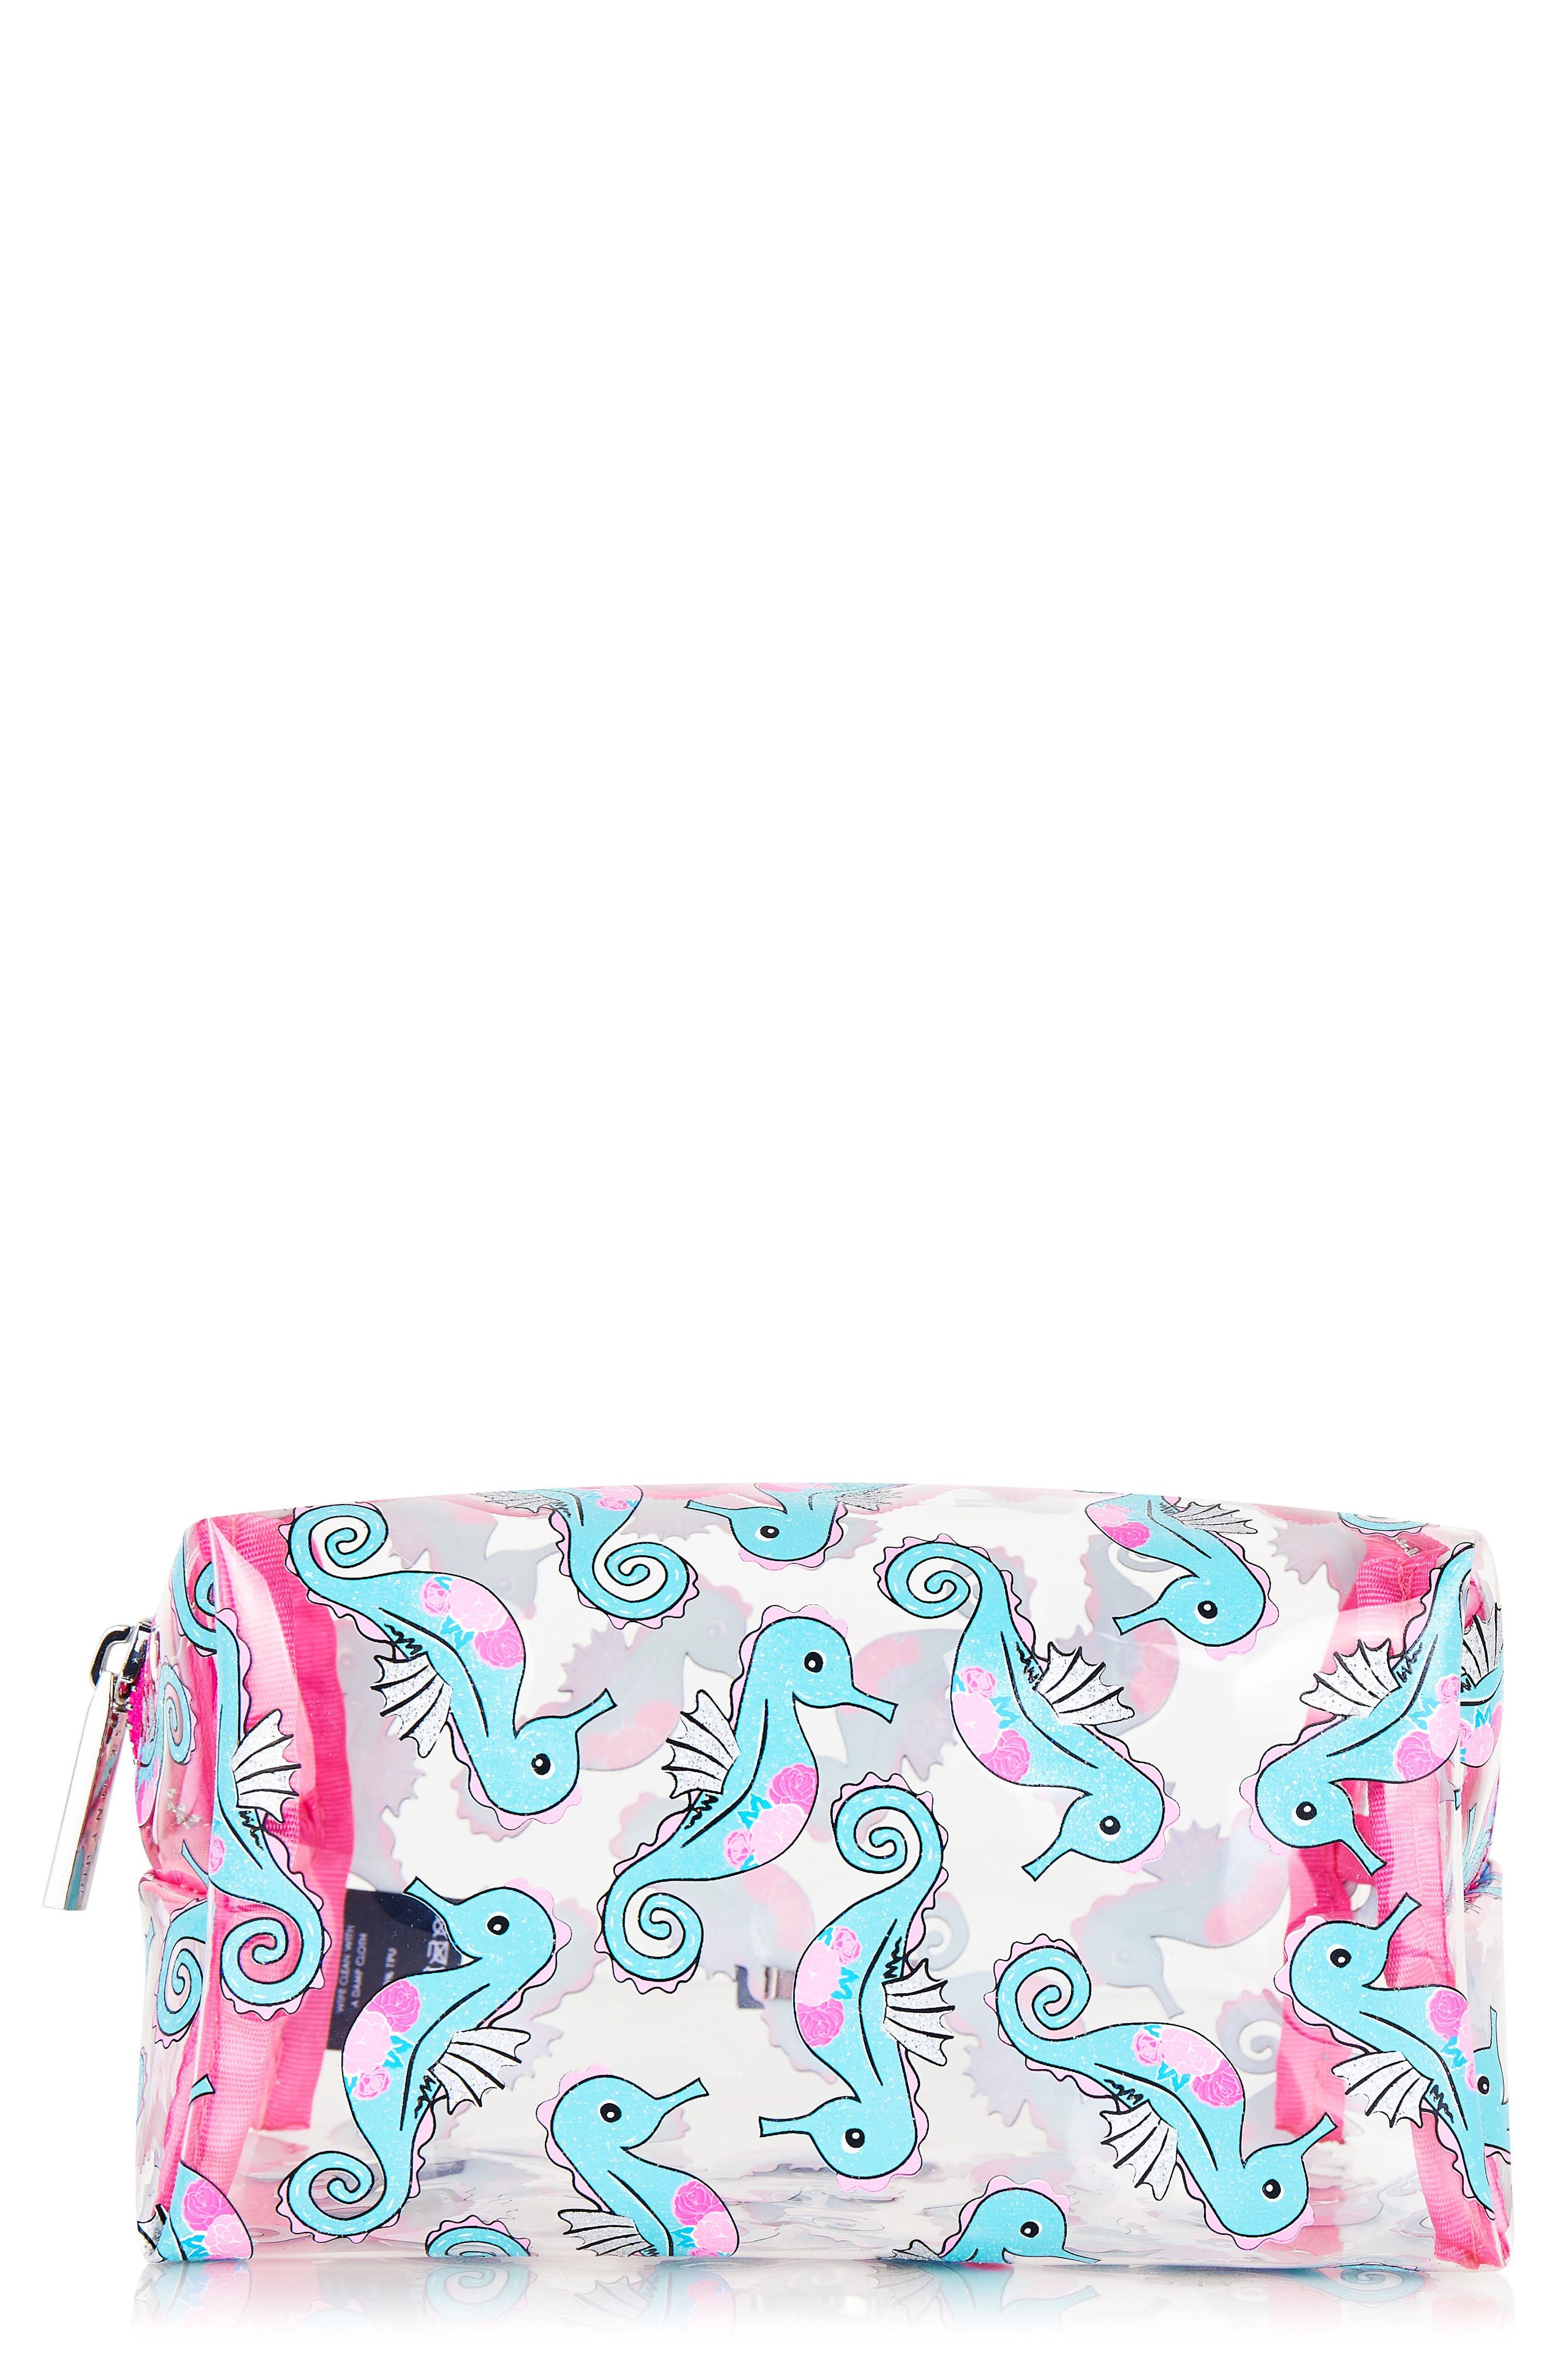 Skinny Dip Reef Makeup Bag,                         Main,                         color, 000